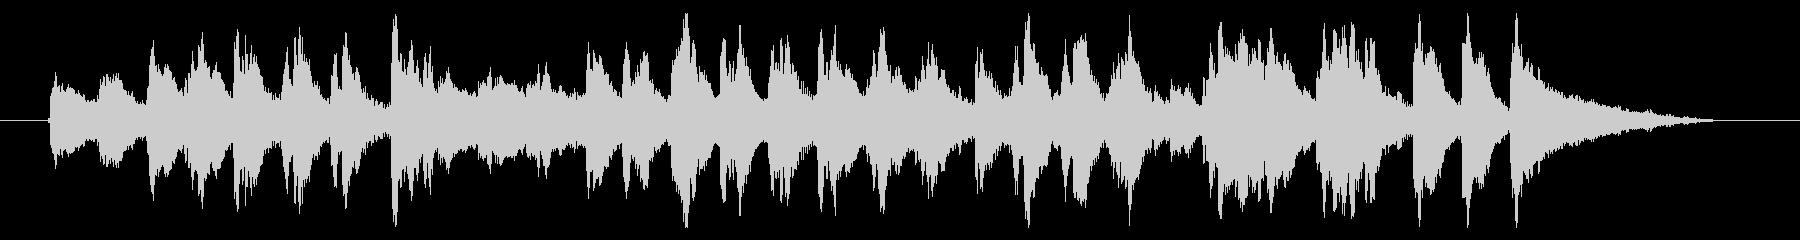 マリンバのキャッチーなジングルの未再生の波形